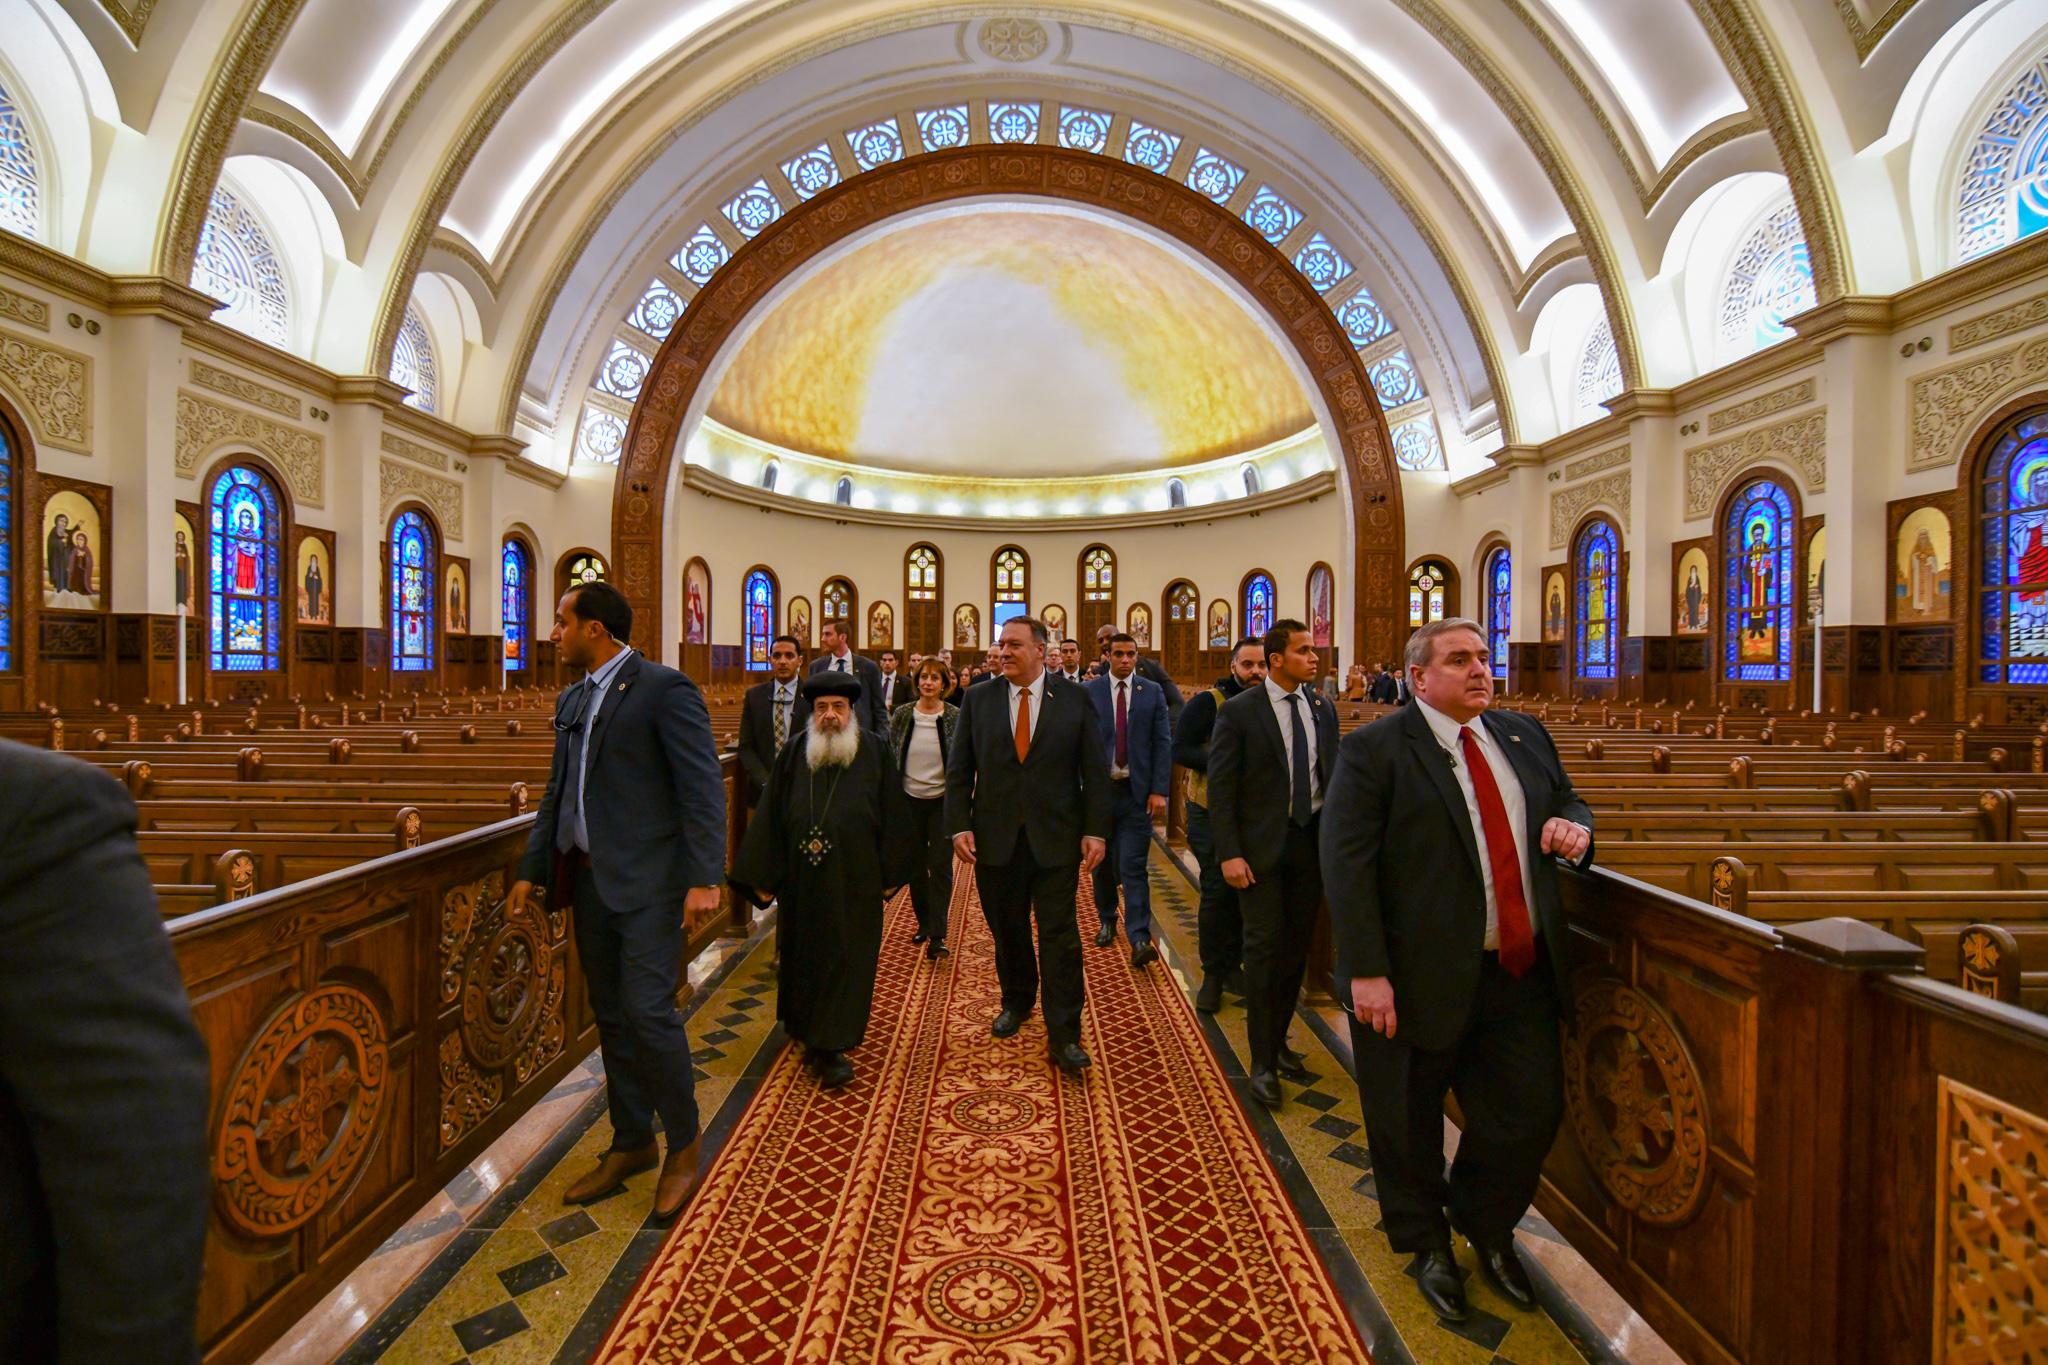 人们走在教堂里的走道上(美国国务院)